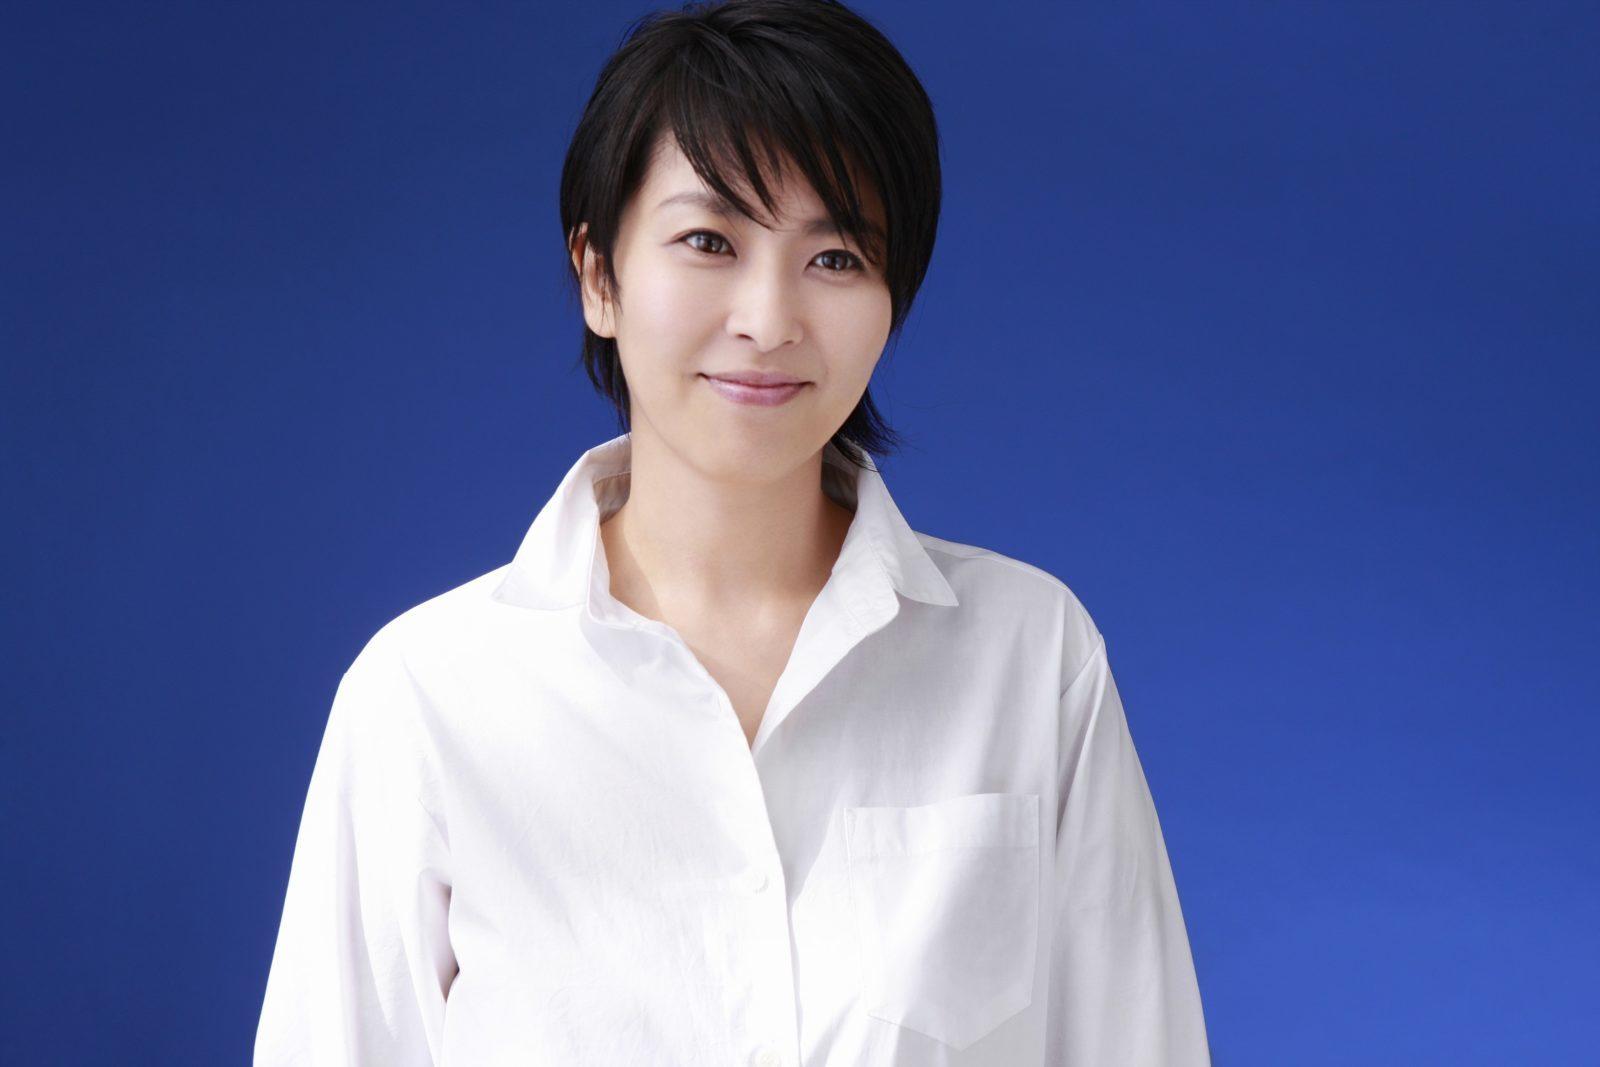 市川染五郎、妹・松たか子のデビュー裏話を明かす「『やめろ』って言ってたと…」サムネイル画像